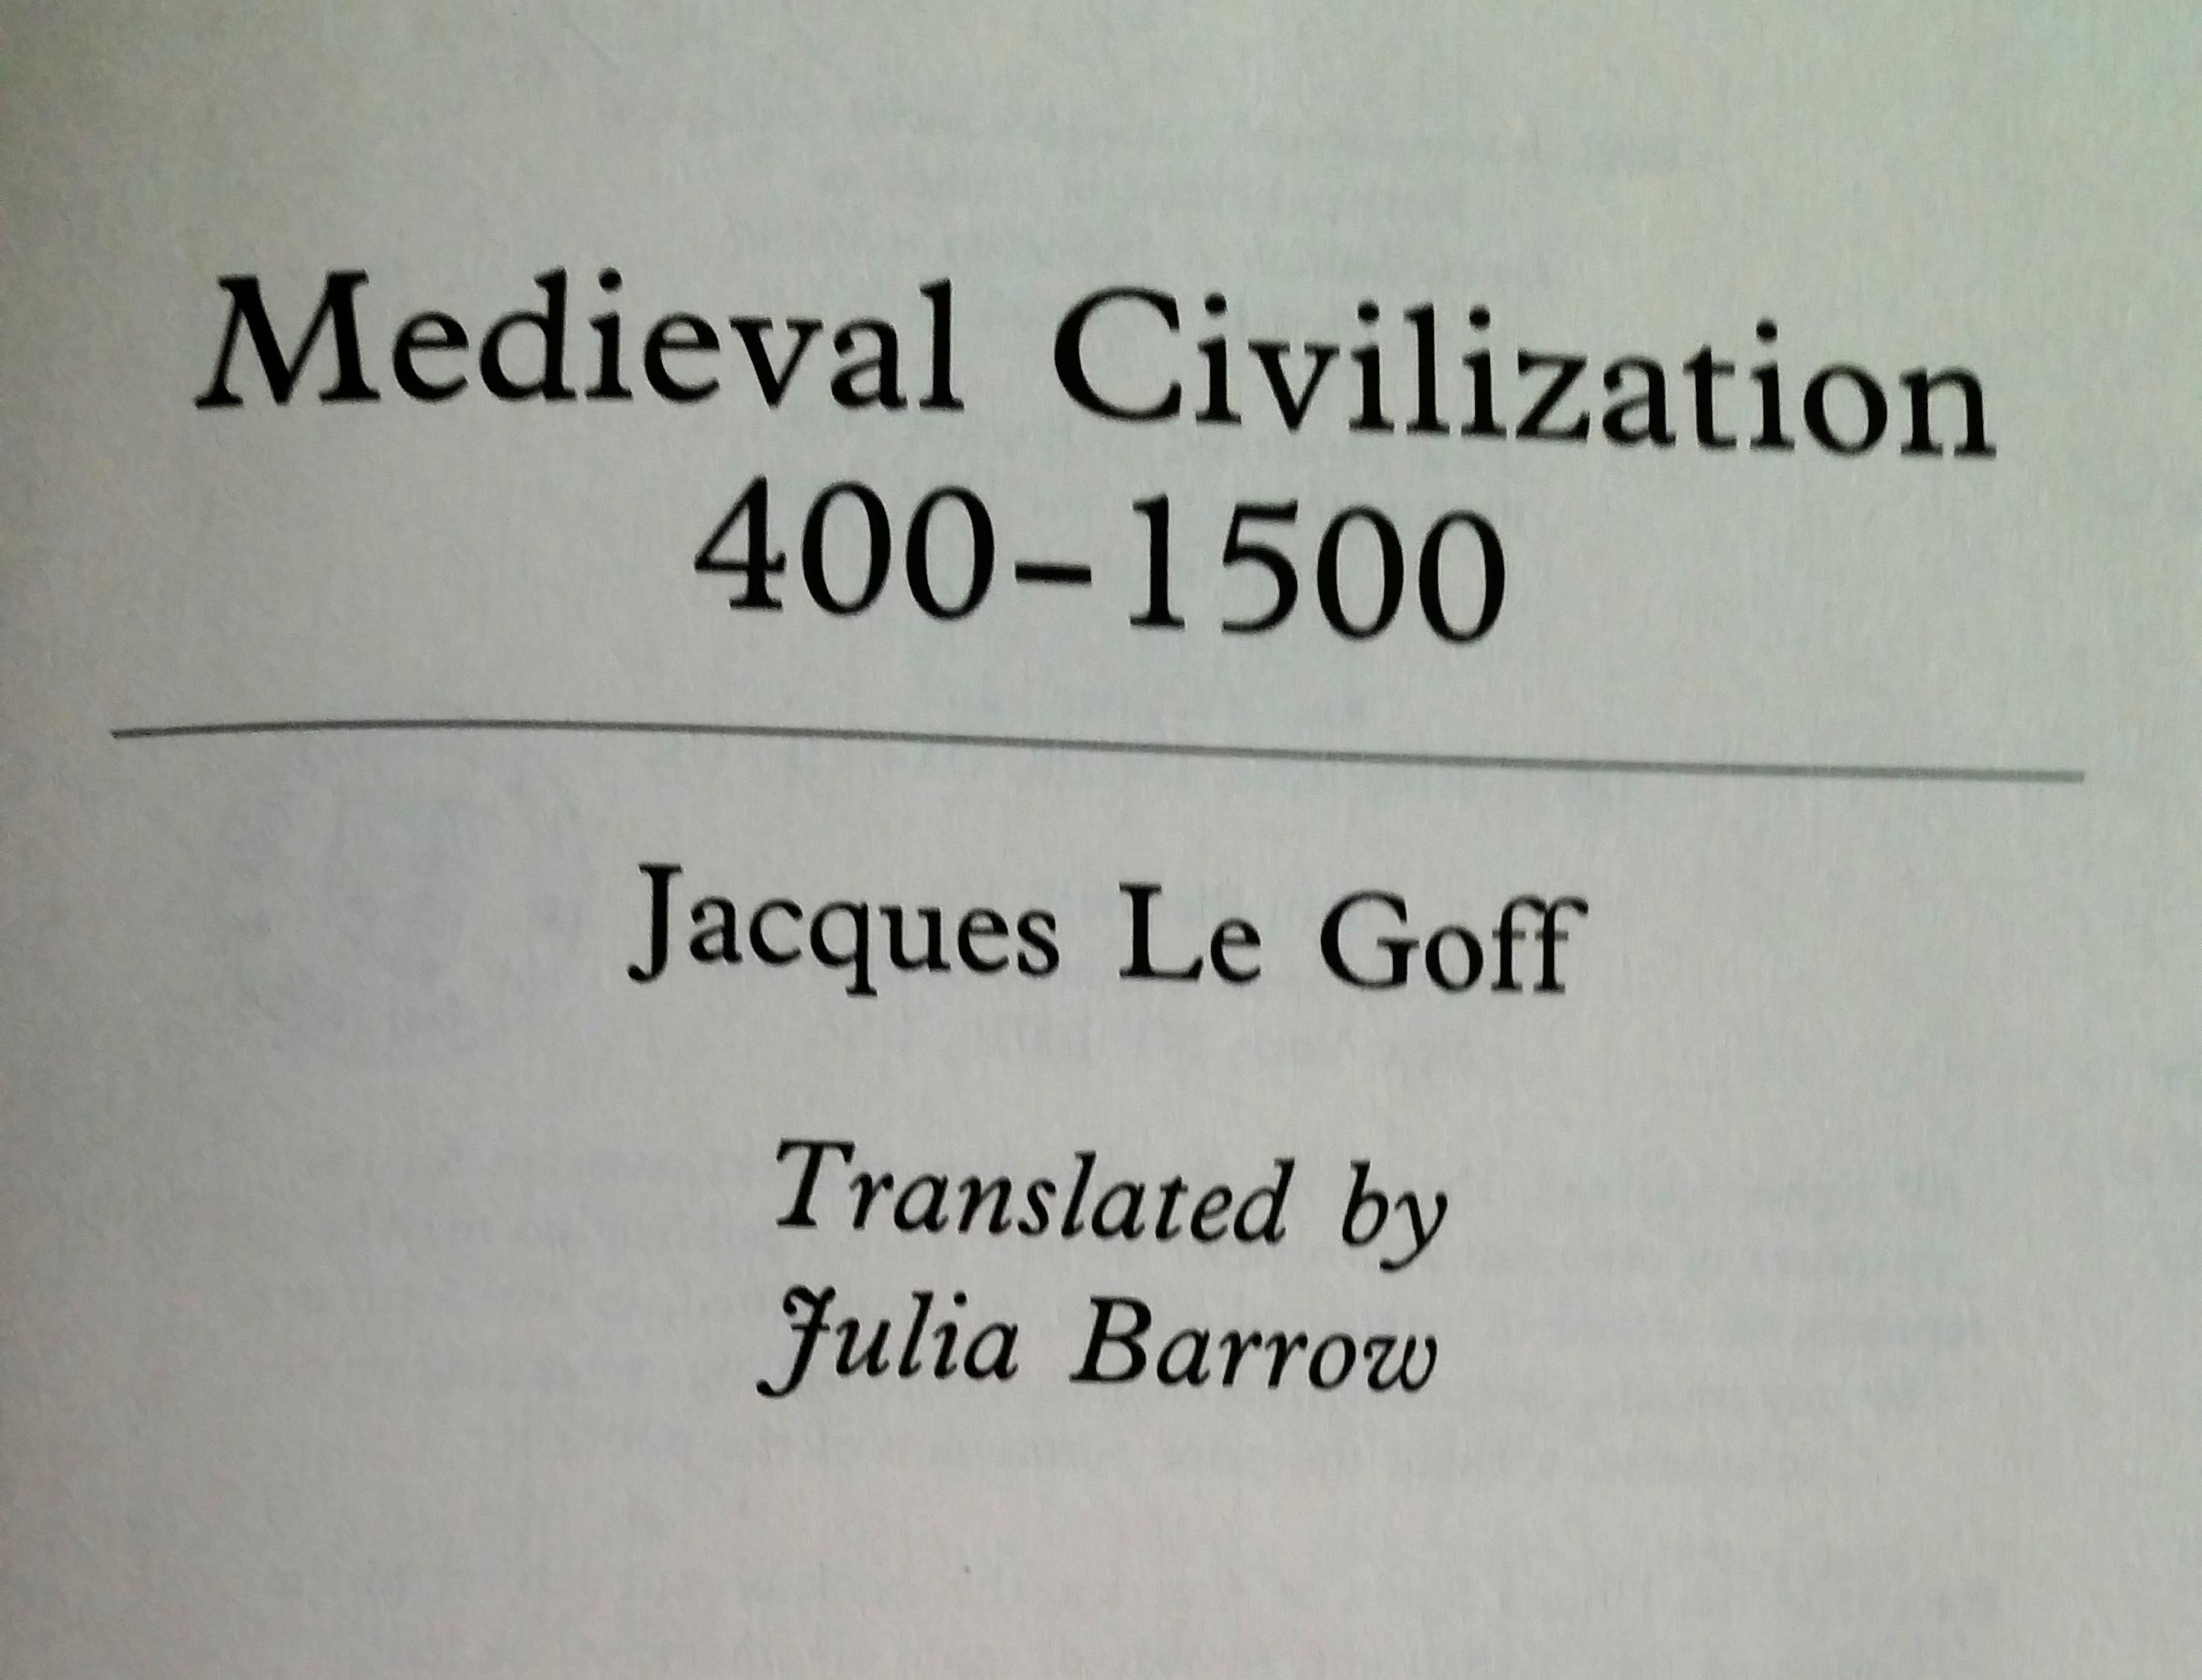 Neues Recherchematerial: Medieval Civilization 400-1500